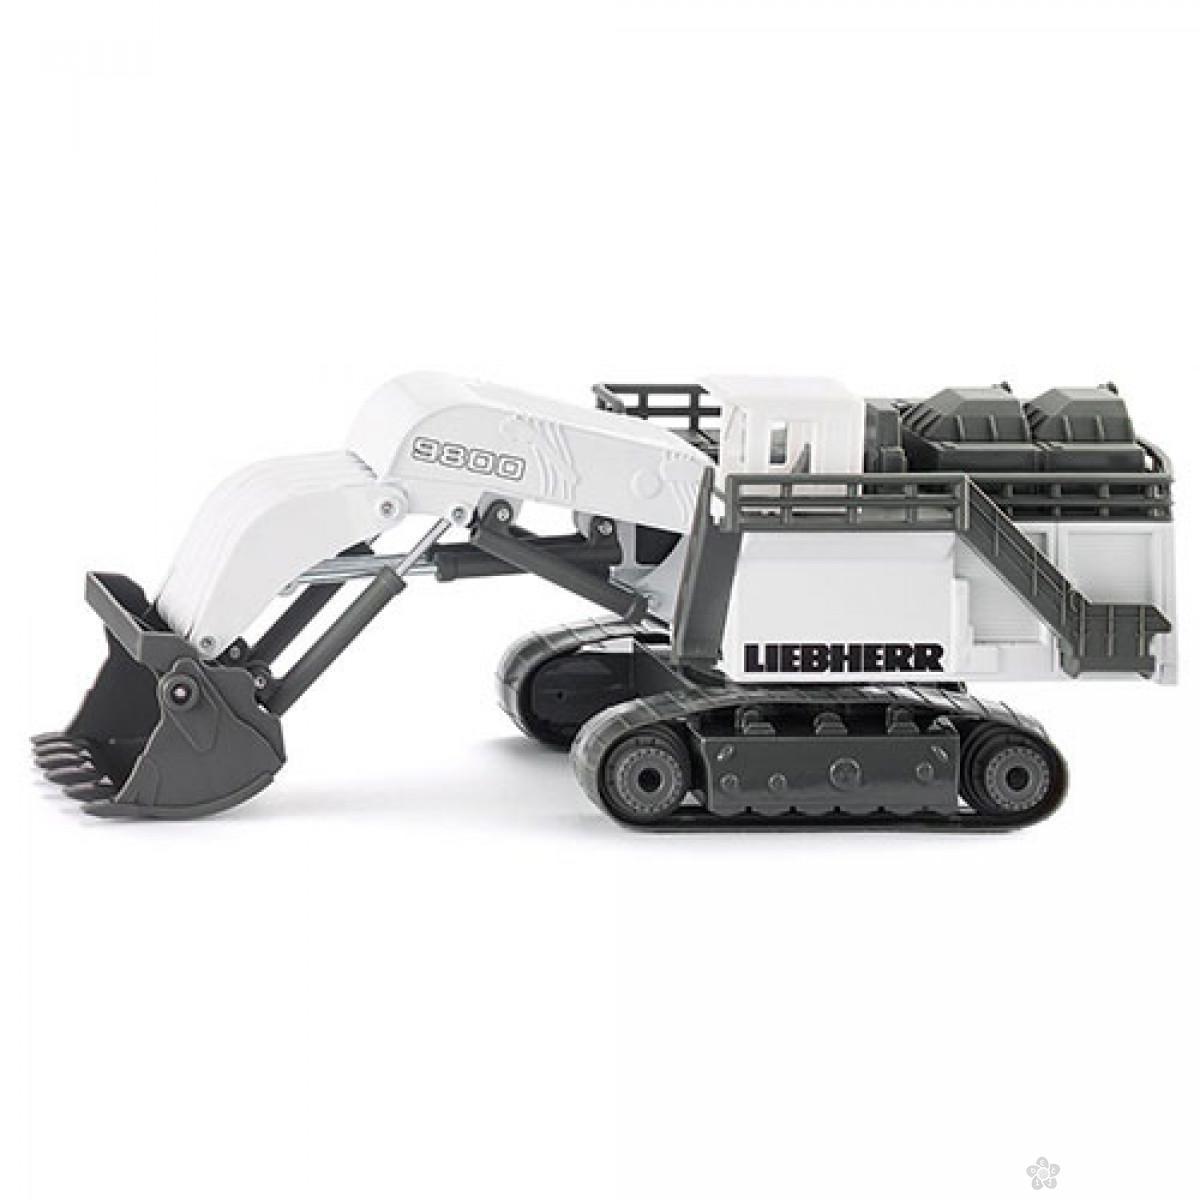 Liebherr R9800 Mining bager